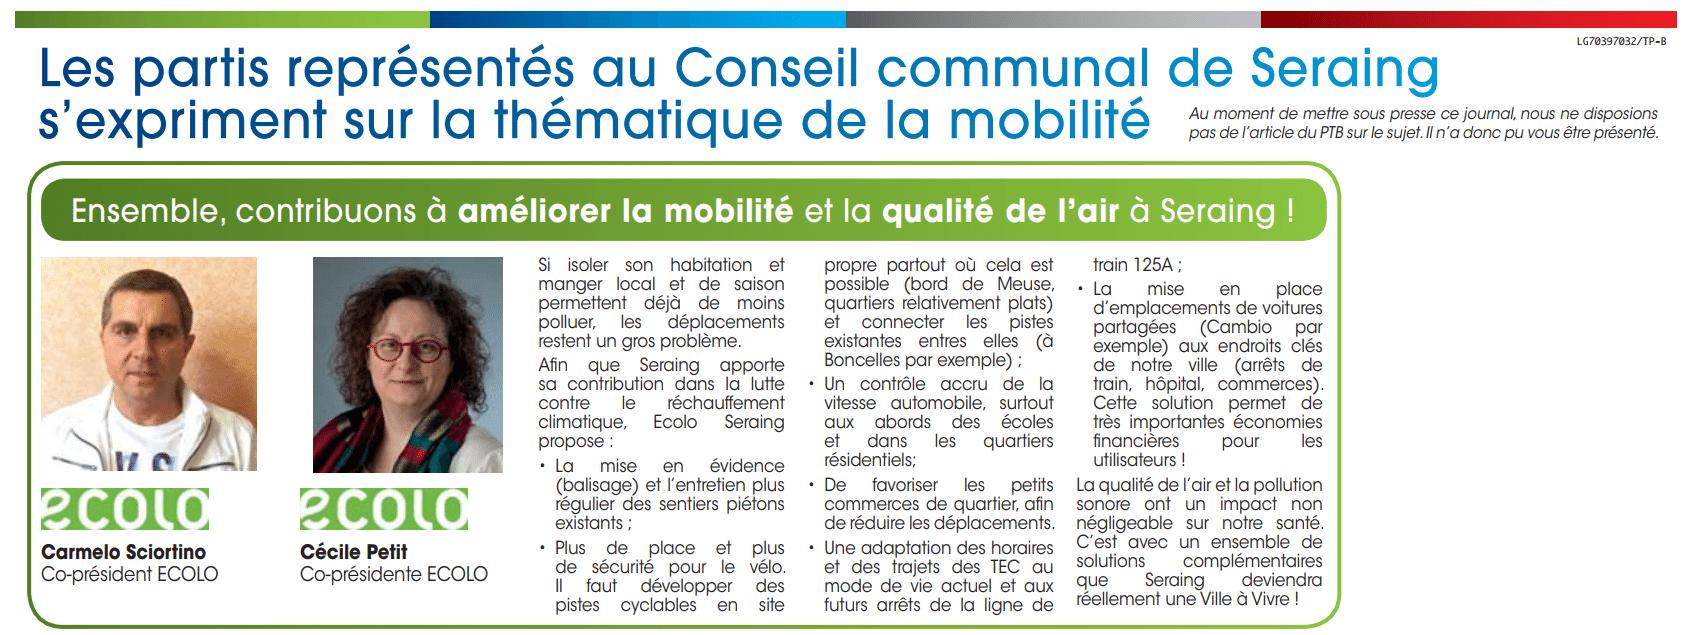 VLAN – Thématique de la mobilité